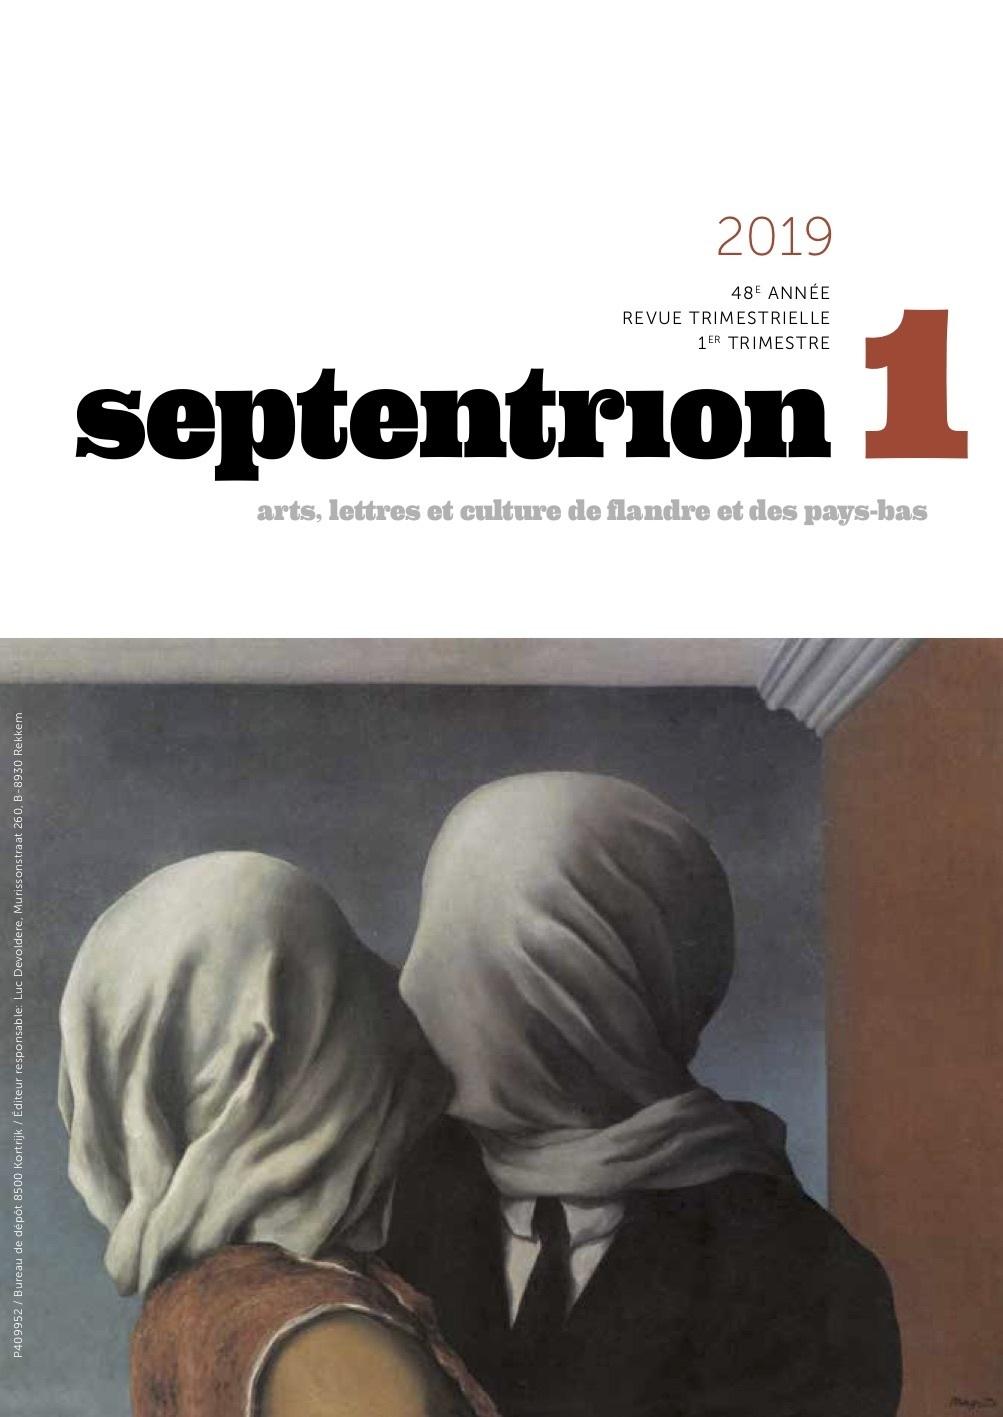 FRONT-SEPTENTRION